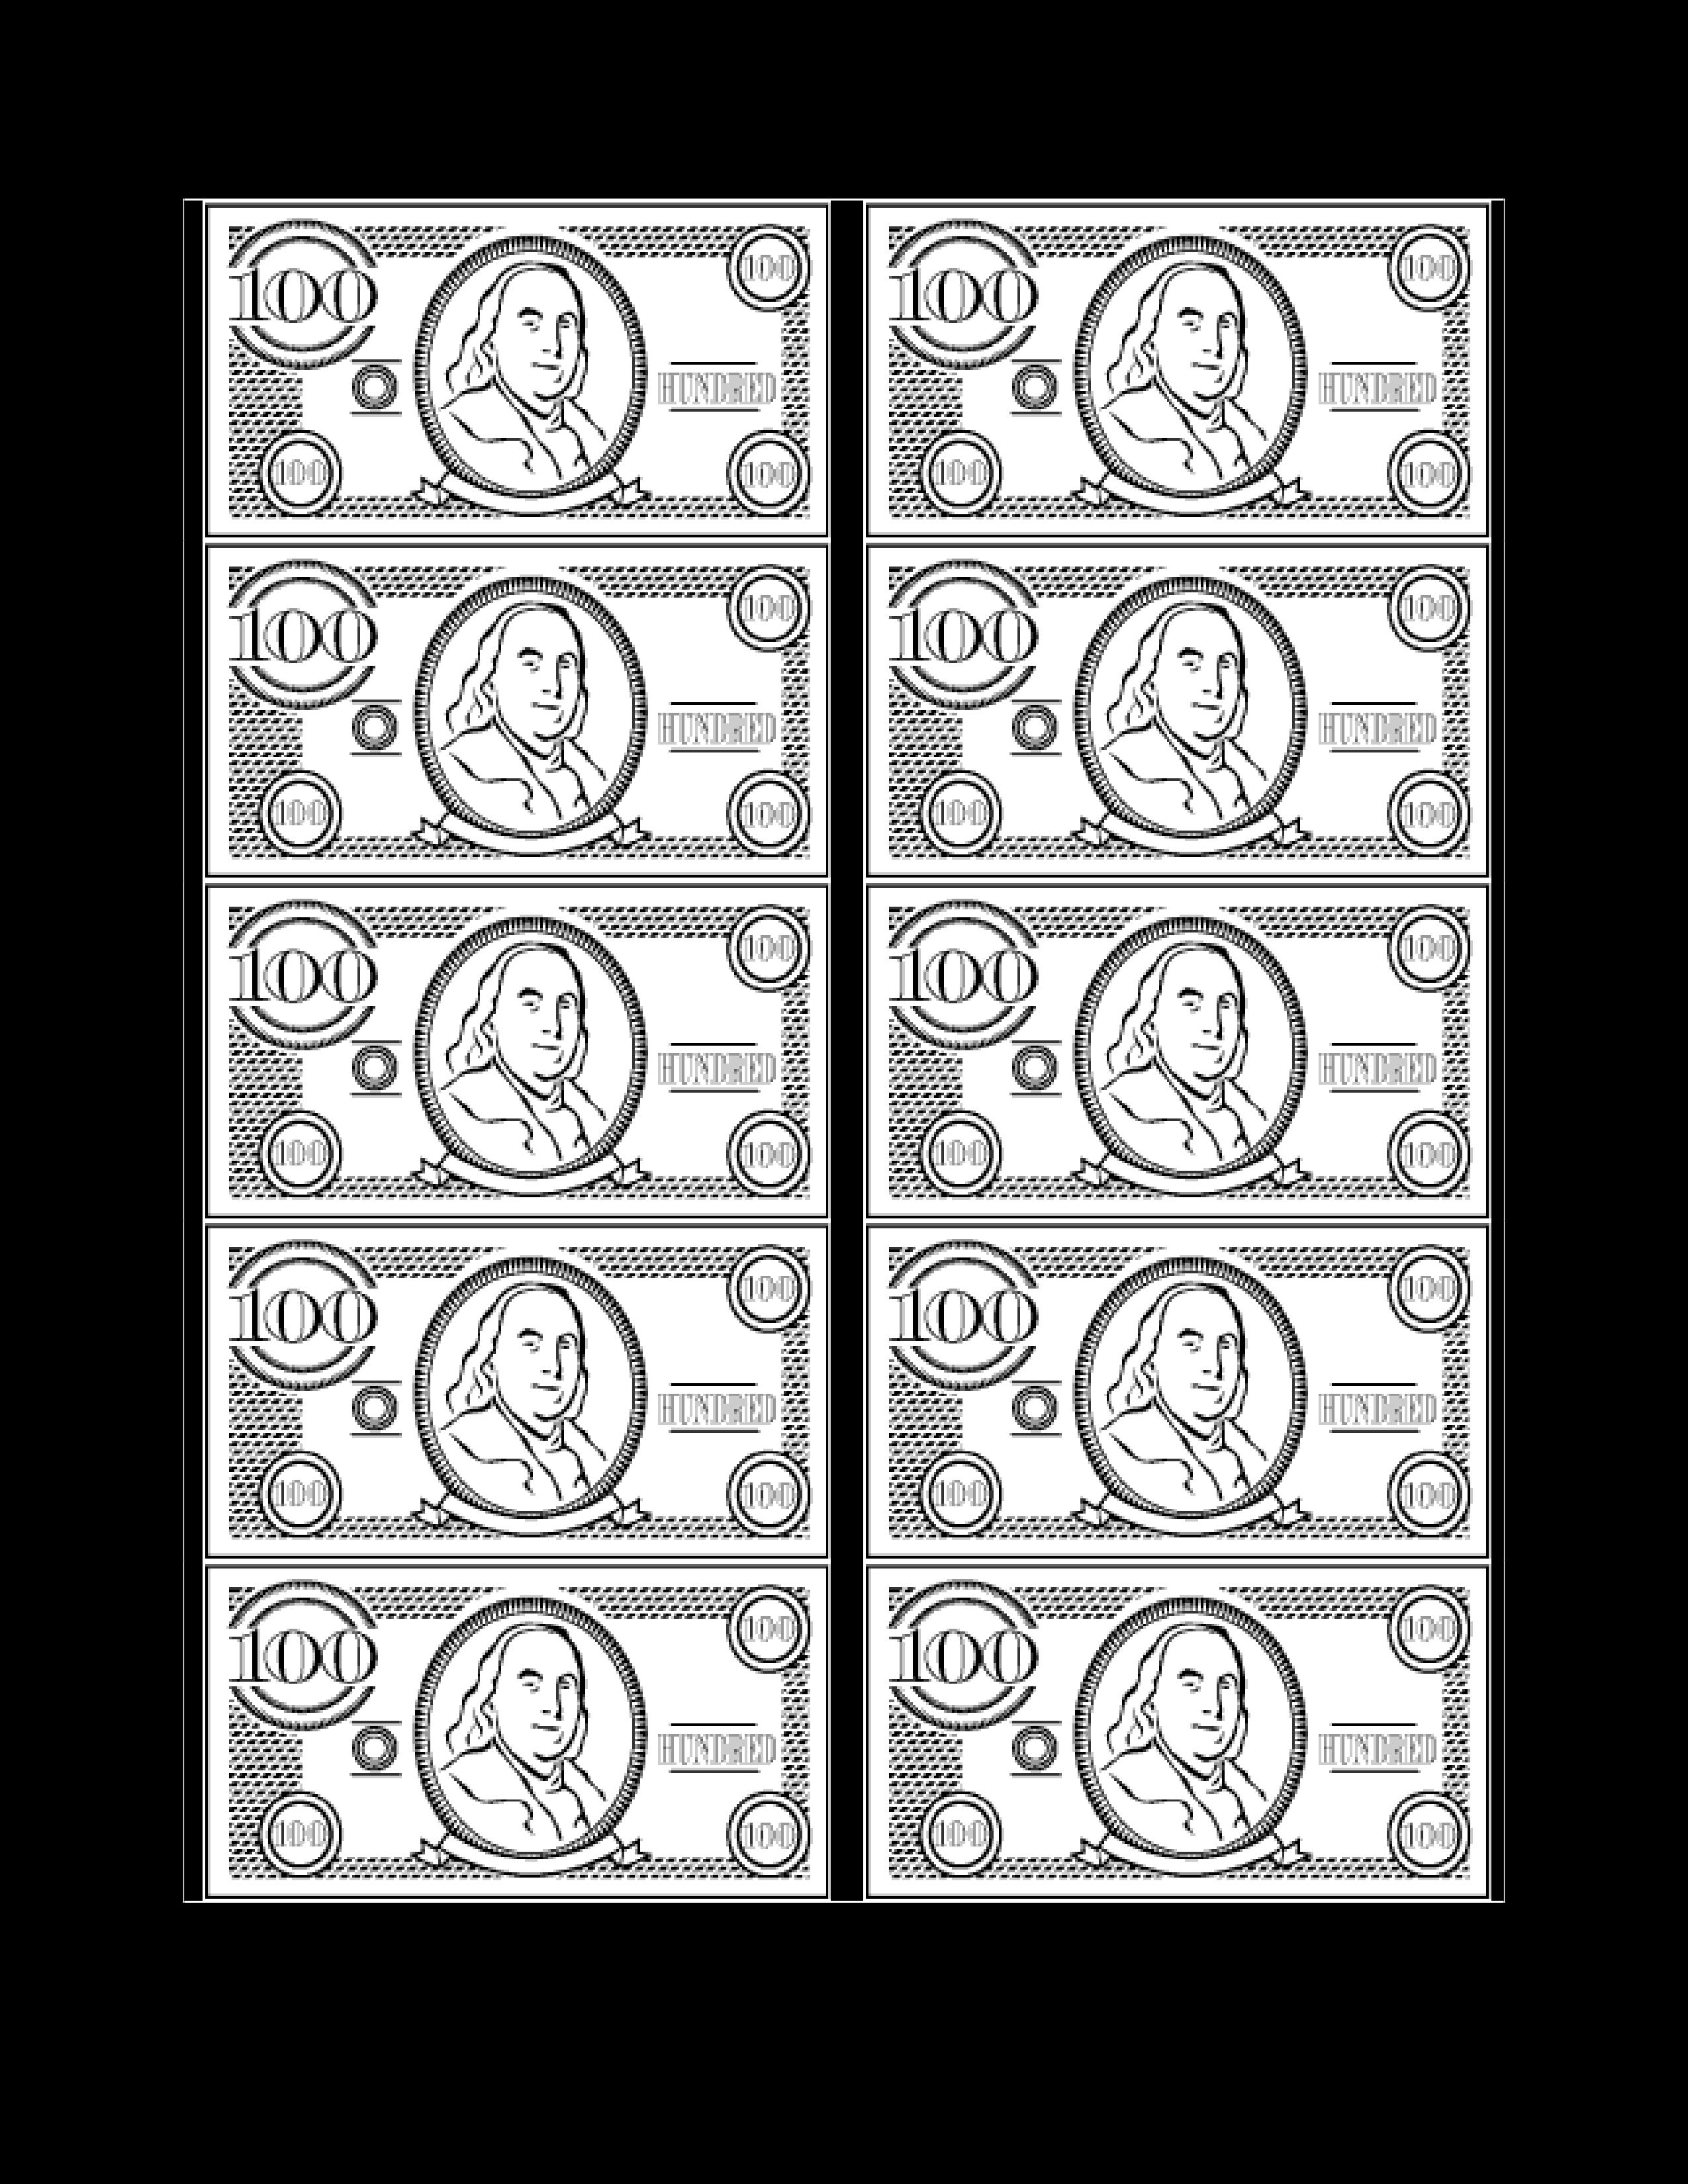 free 100 bill fake money templates at